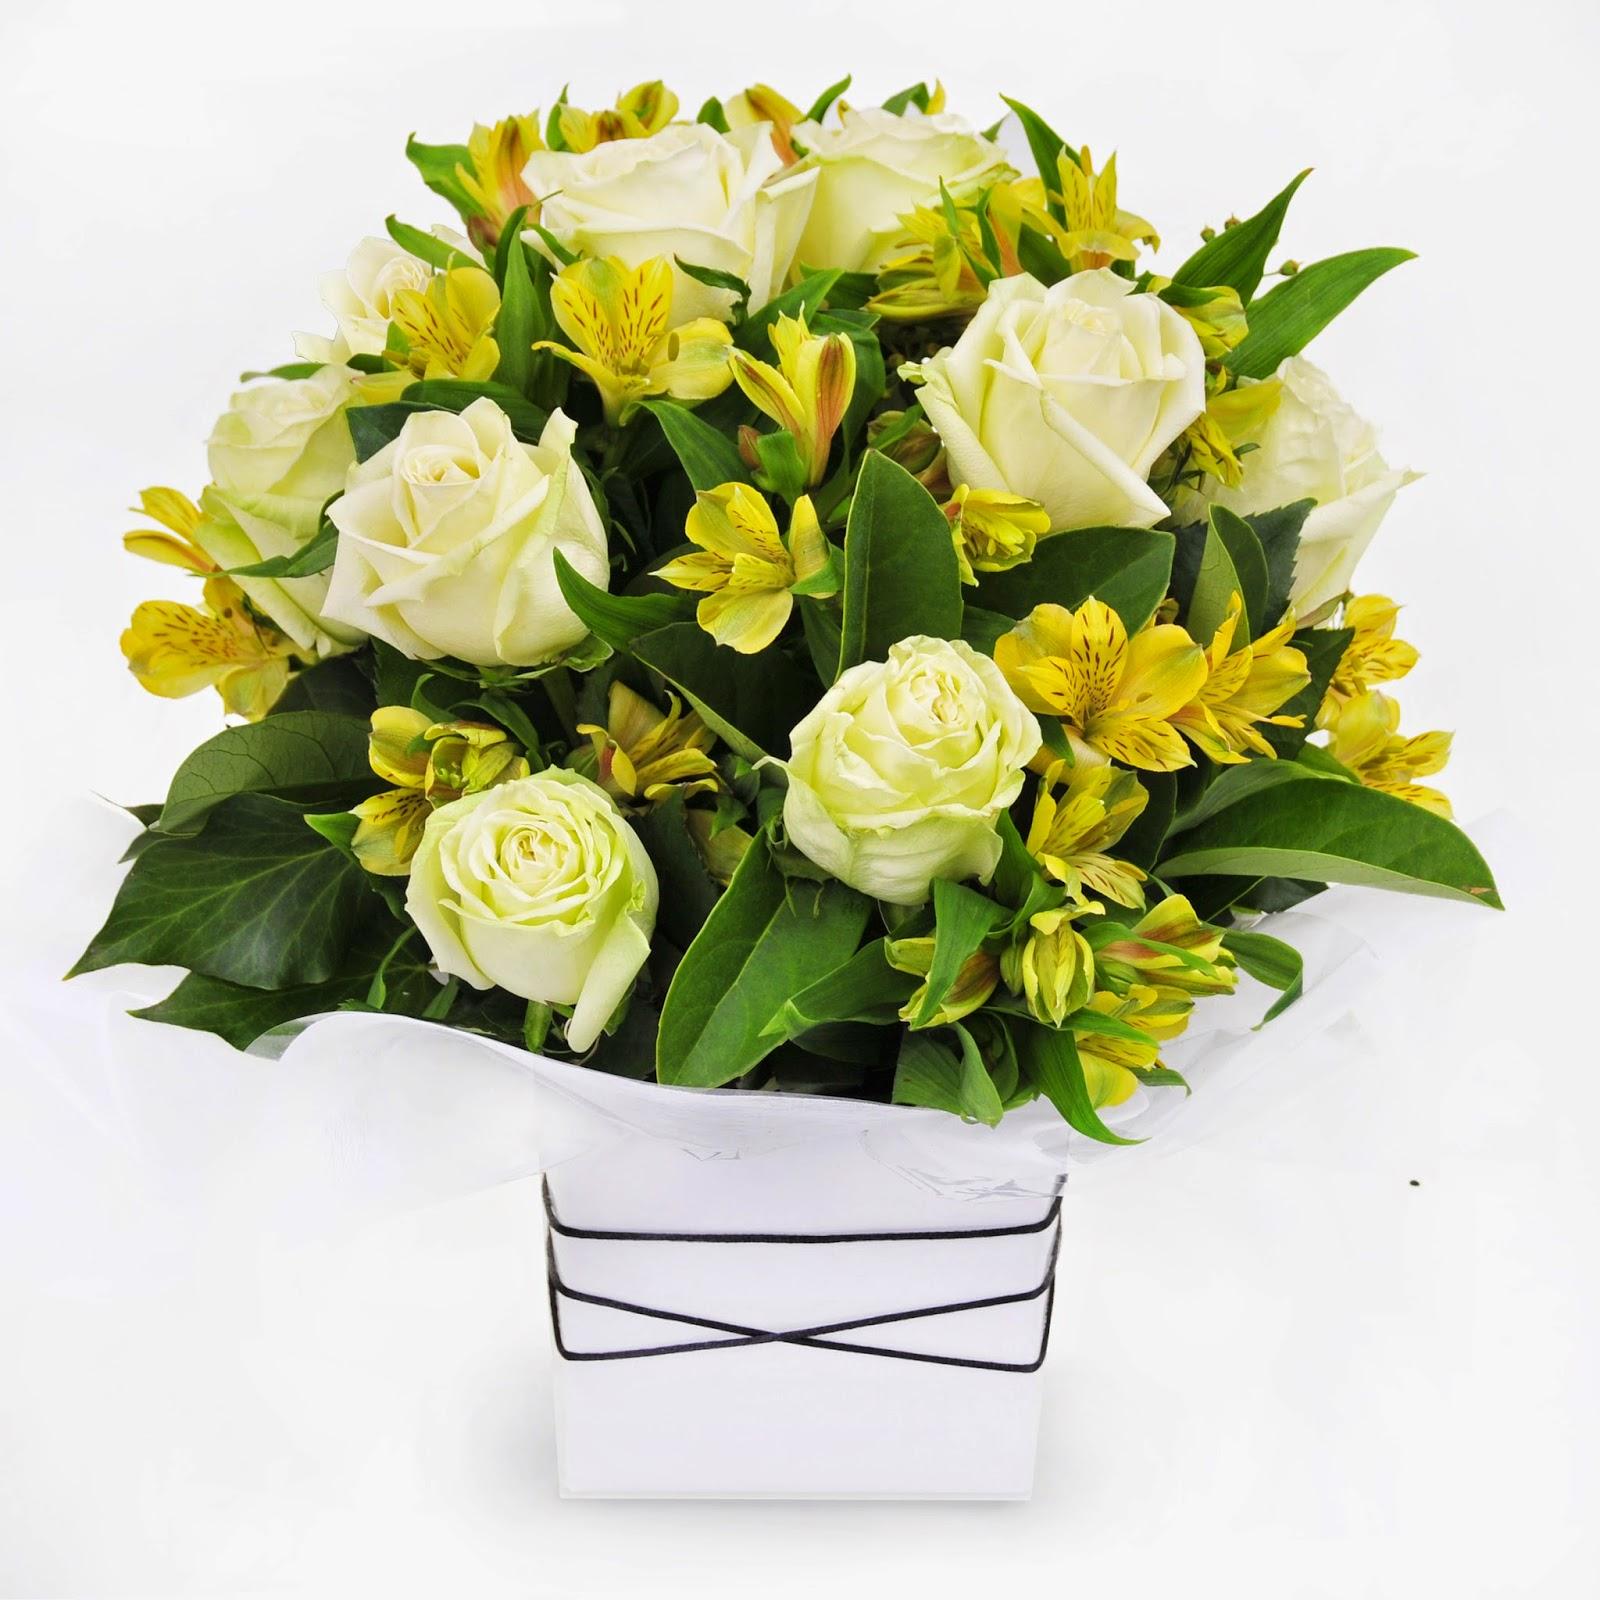 Urban Flower: Sending Sympathy Flowers - Sympathy Card ...